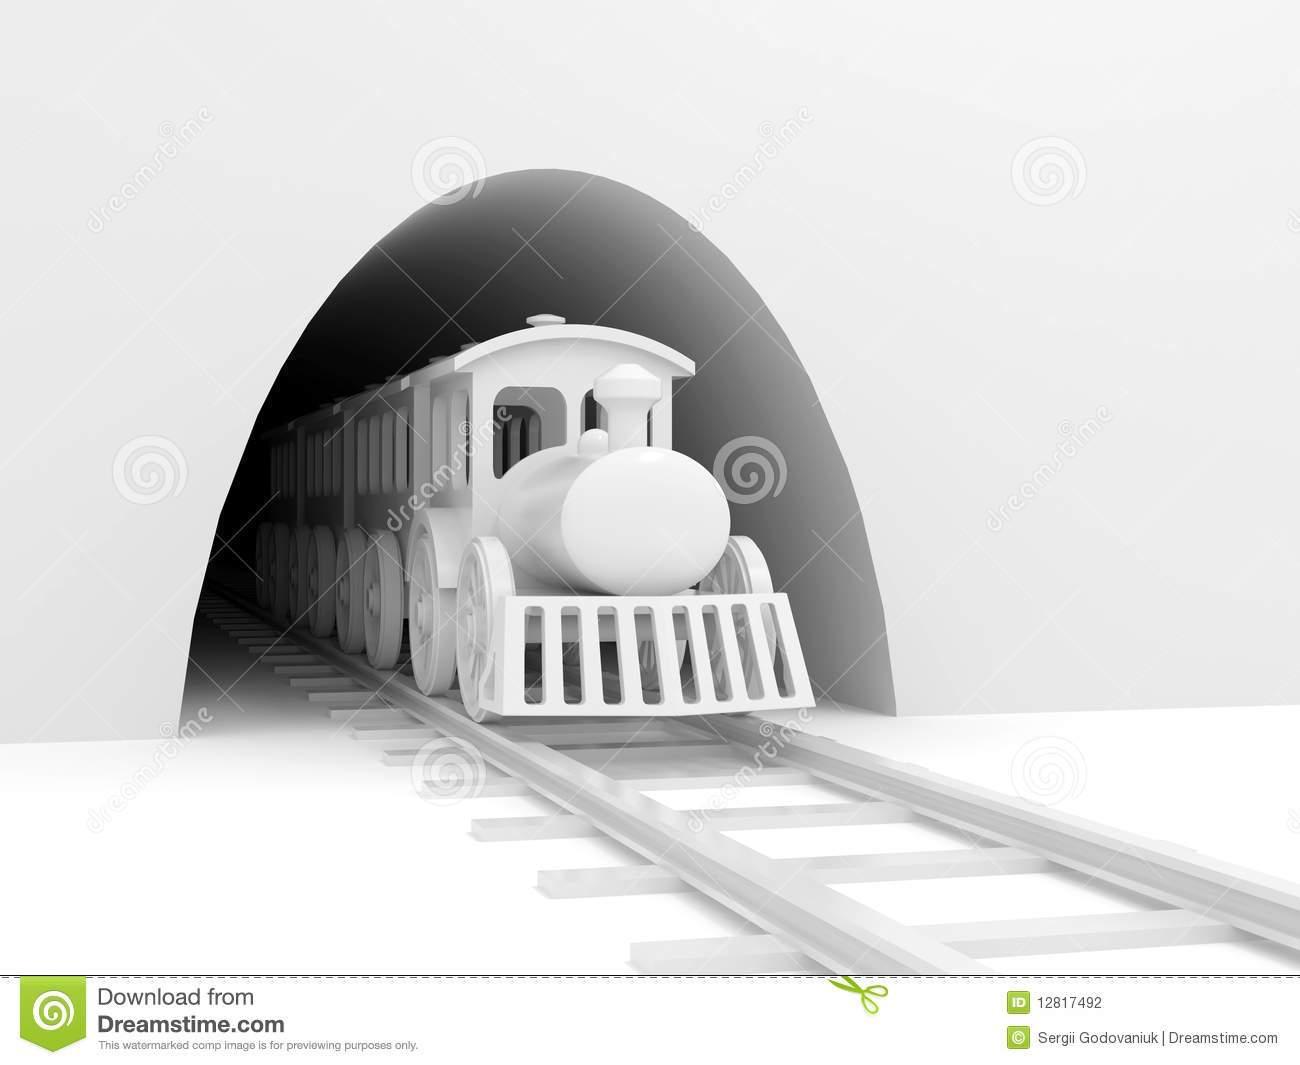 Train tunnel clipart 3 » Clipart Portal.